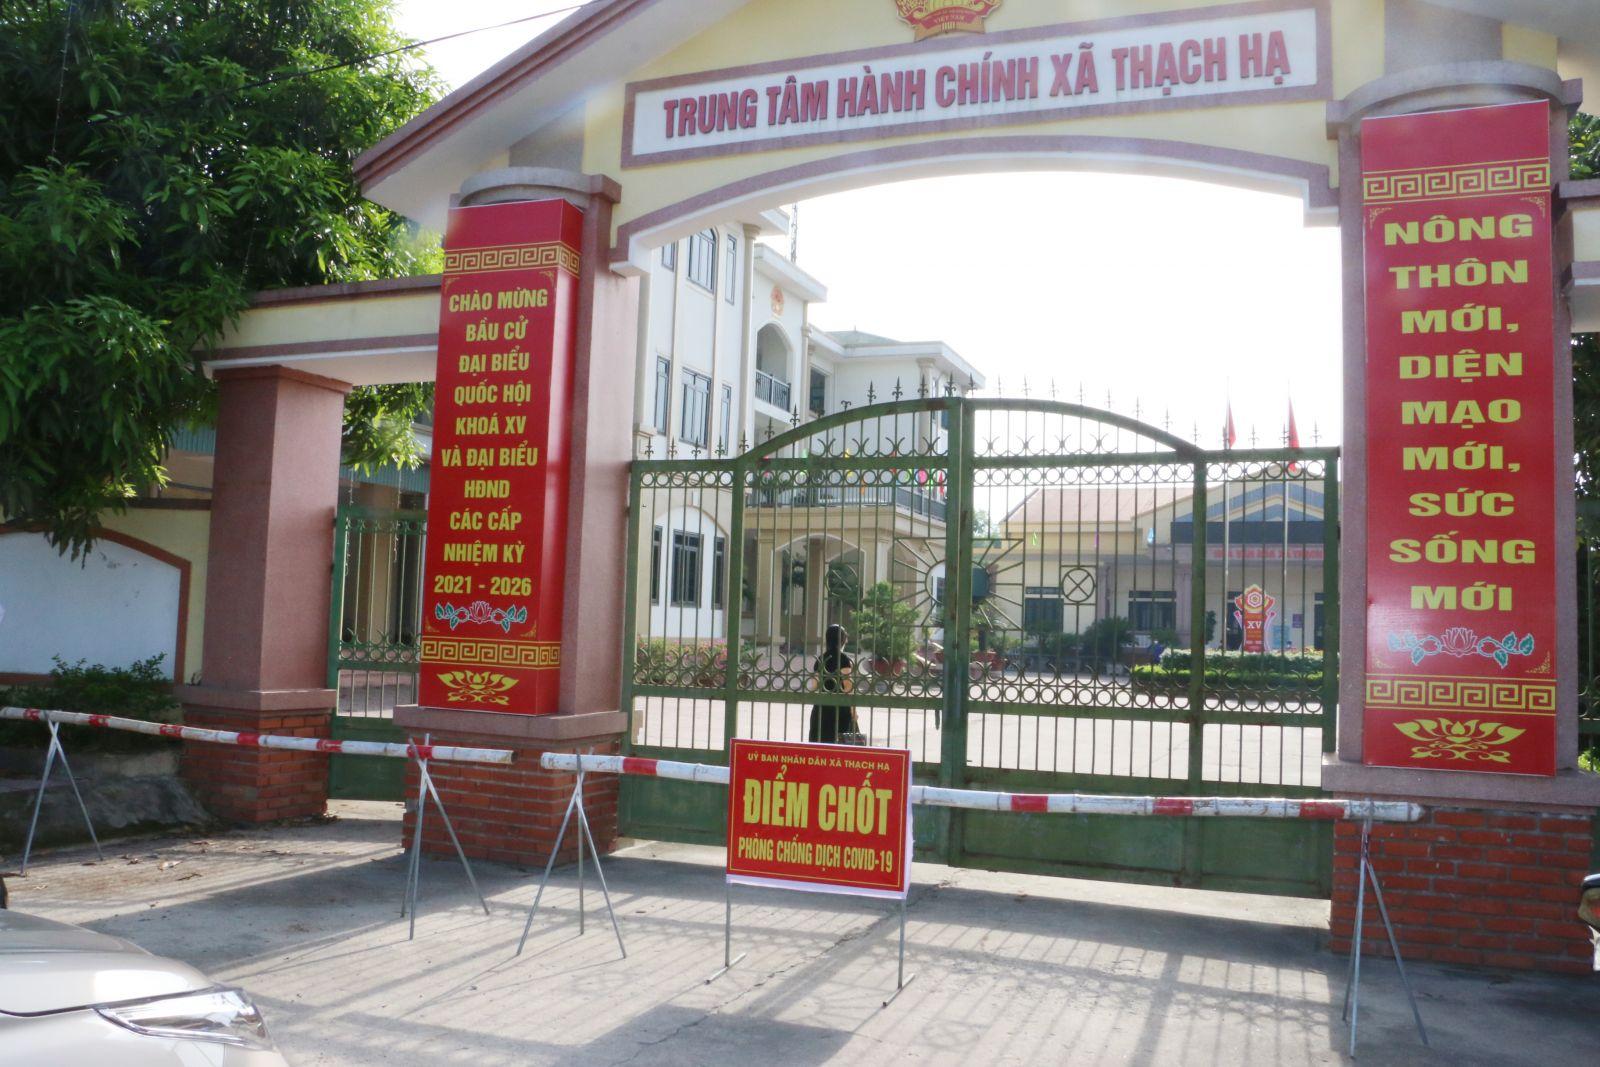 Trụ sở xã Thạch Hạ được phong tỏa sau khi phát hiện trường hợp dương tính